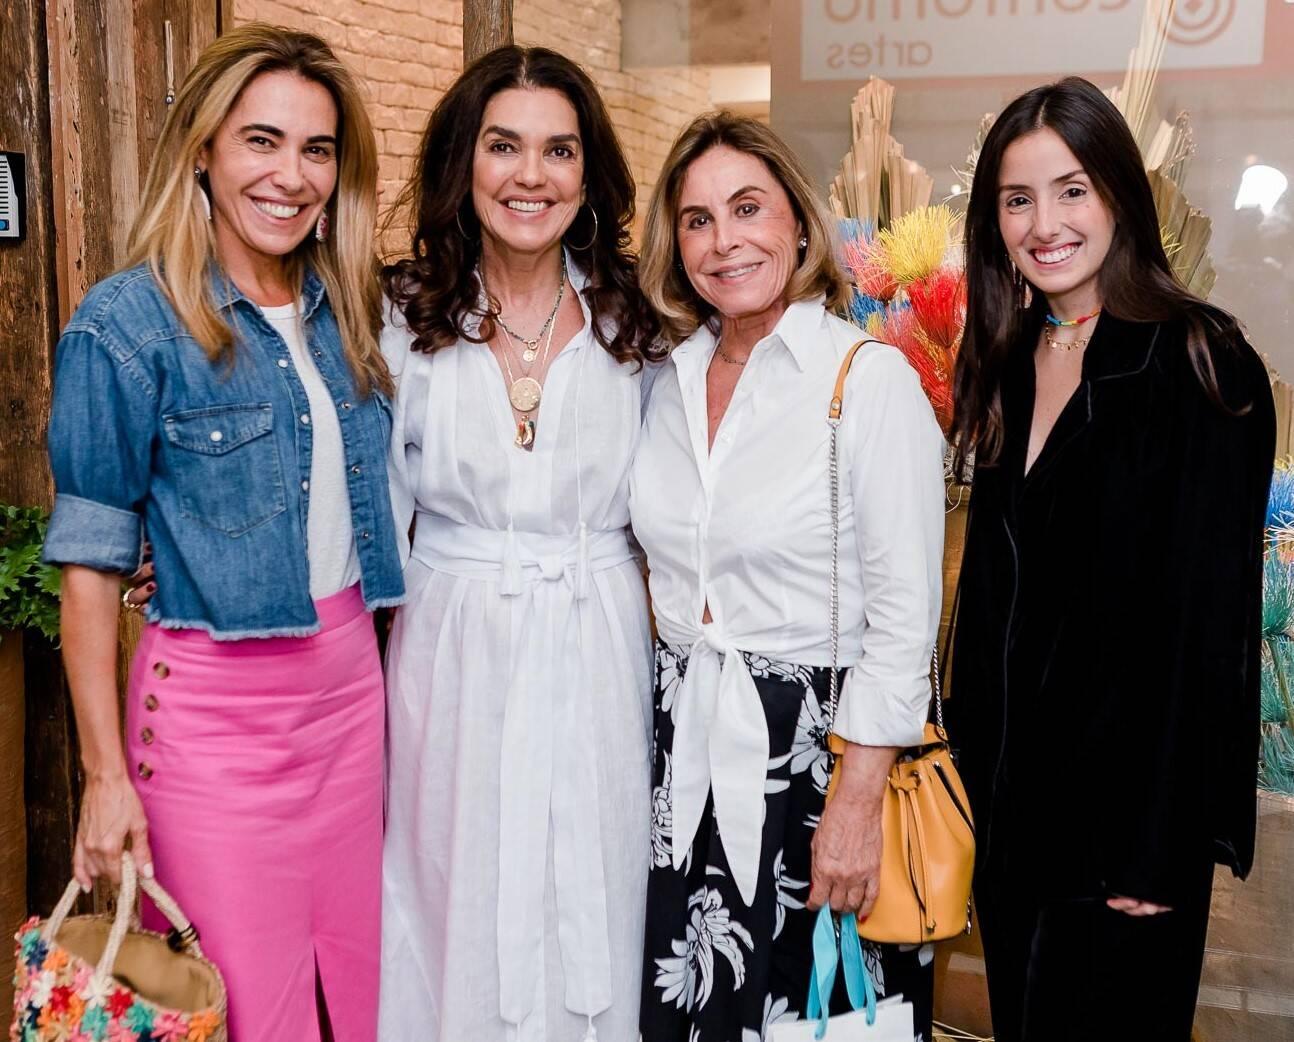 Rita Secchin, Beth Accurso, Marcia Solera e Maria Antonia Ferraz /Foto: Bruno Ryfer